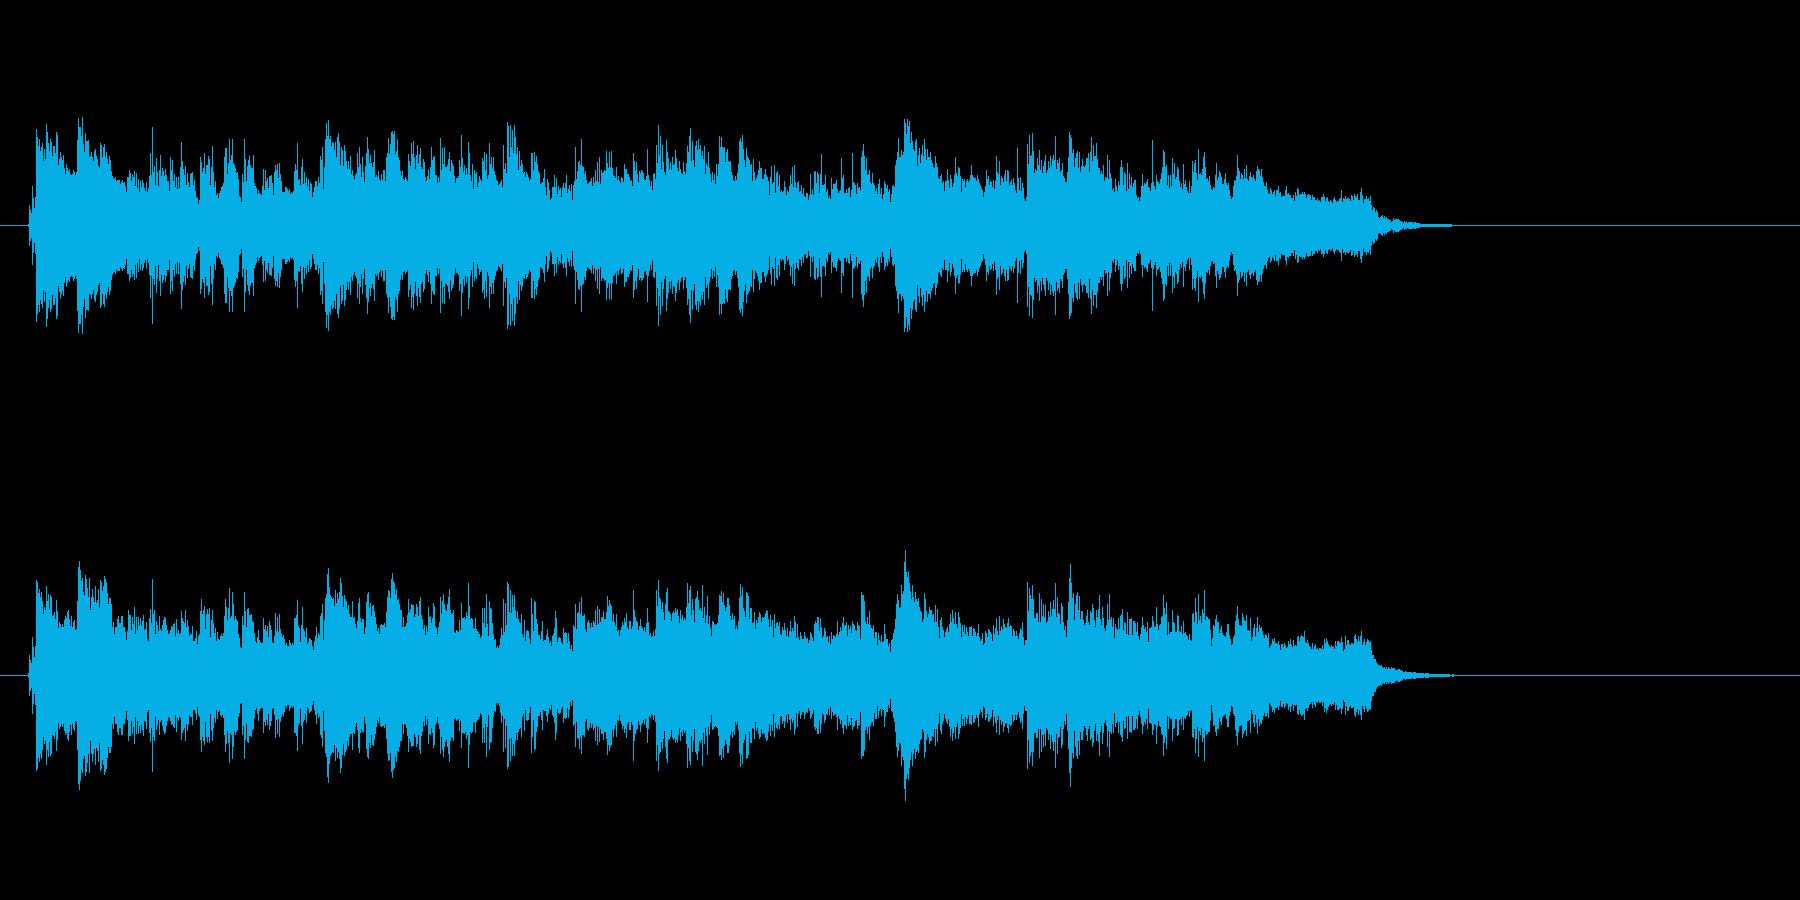 整合感満喫ロッカ・バラード風の再生済みの波形